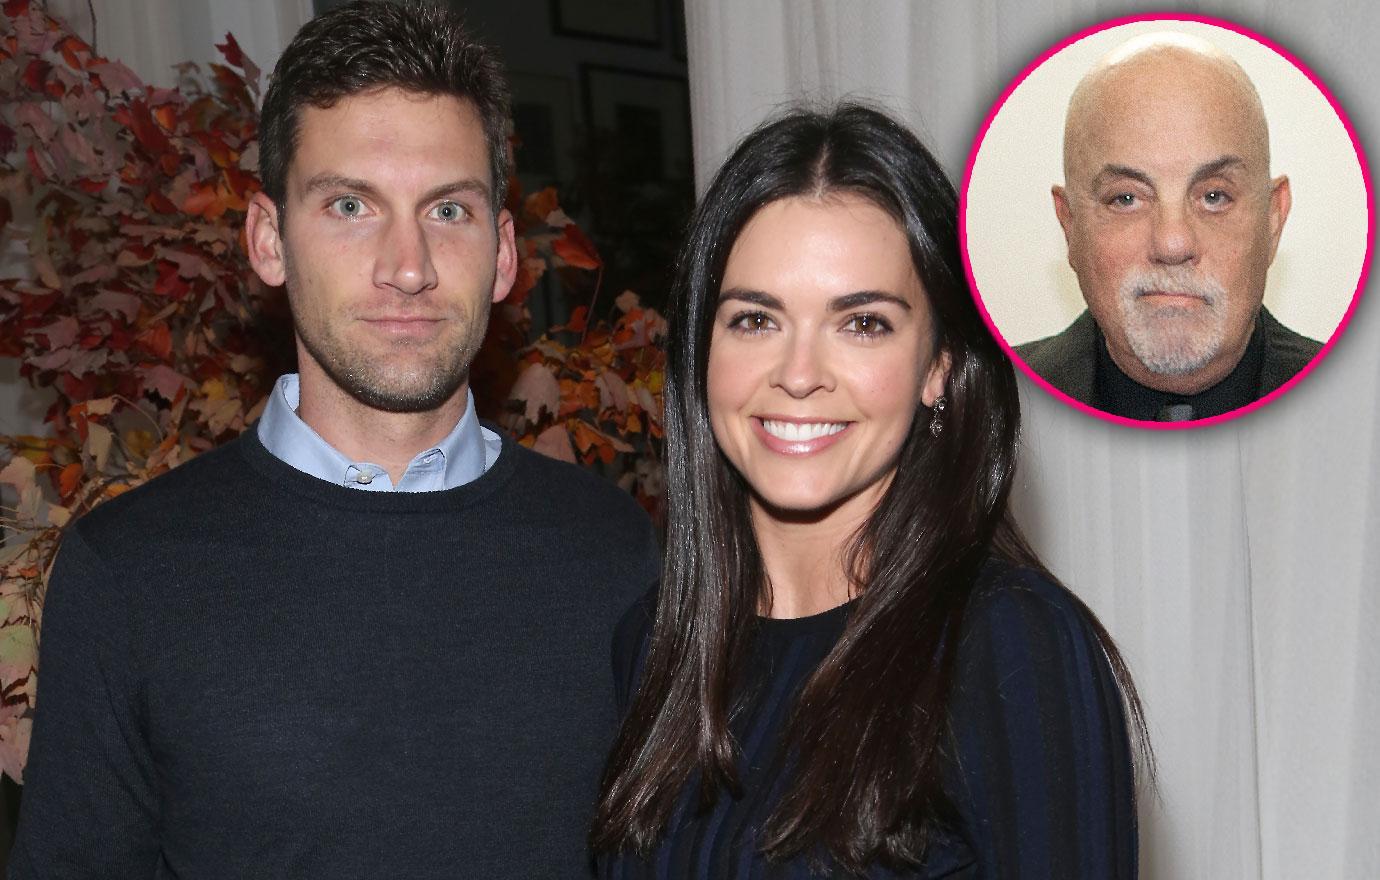 Billy Joel Ex Katie Lee Food Network Weds TV Producer Ryan Biegel